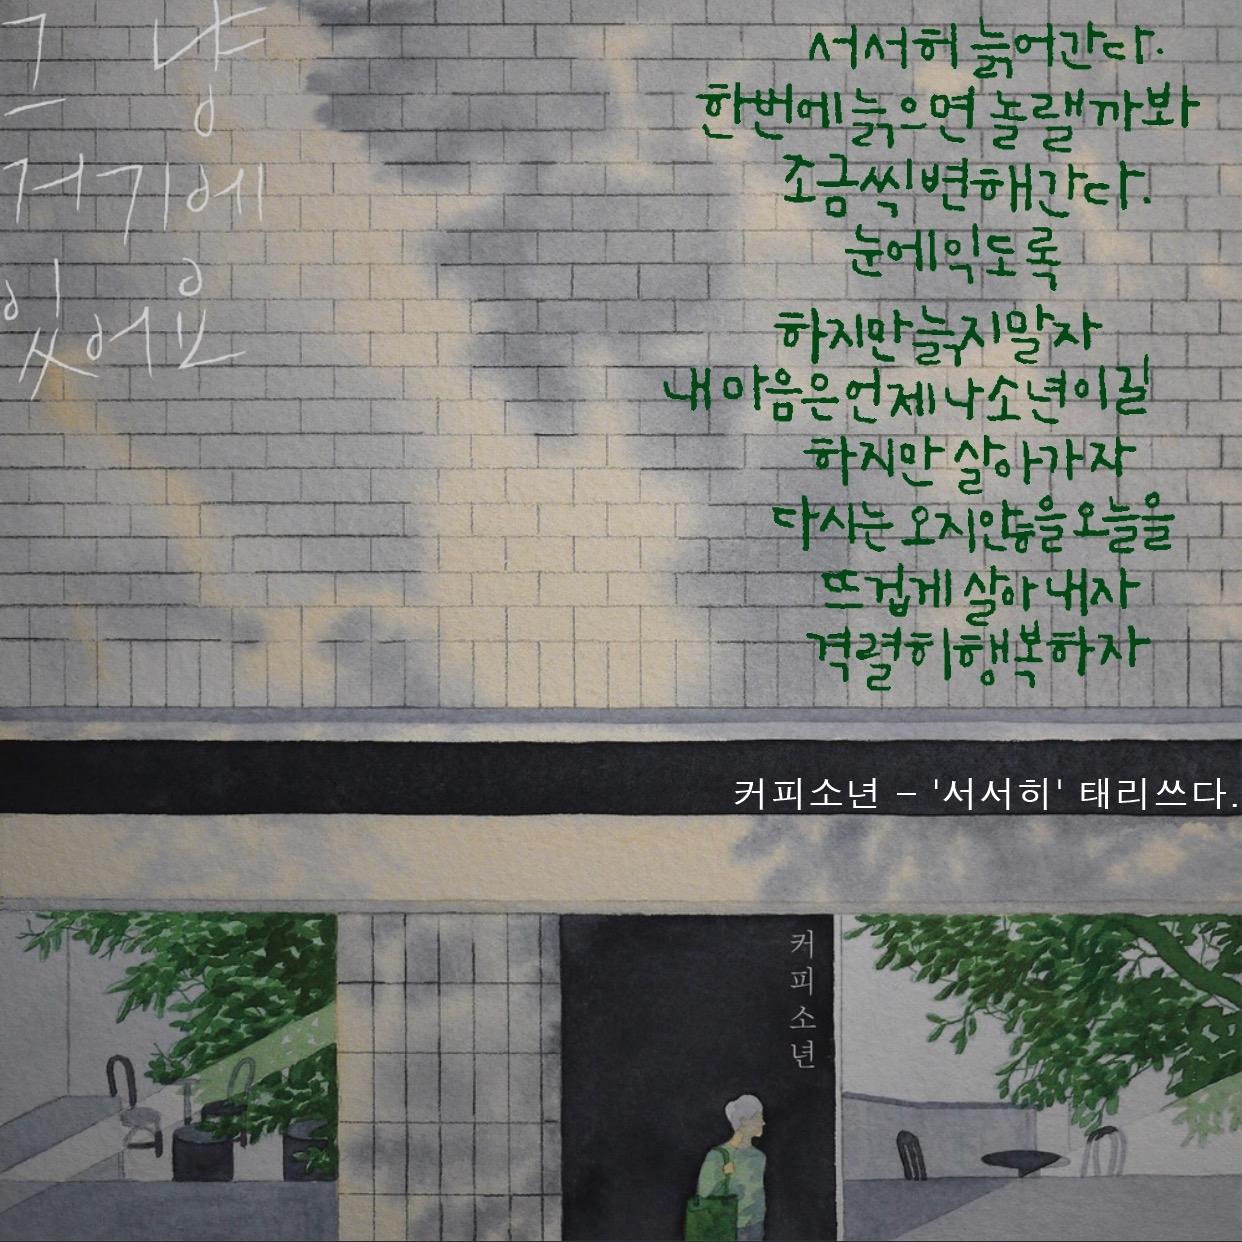 커피소년 - 지금 거기에 있어요. 직접 쓴 손글씨 - 김태리